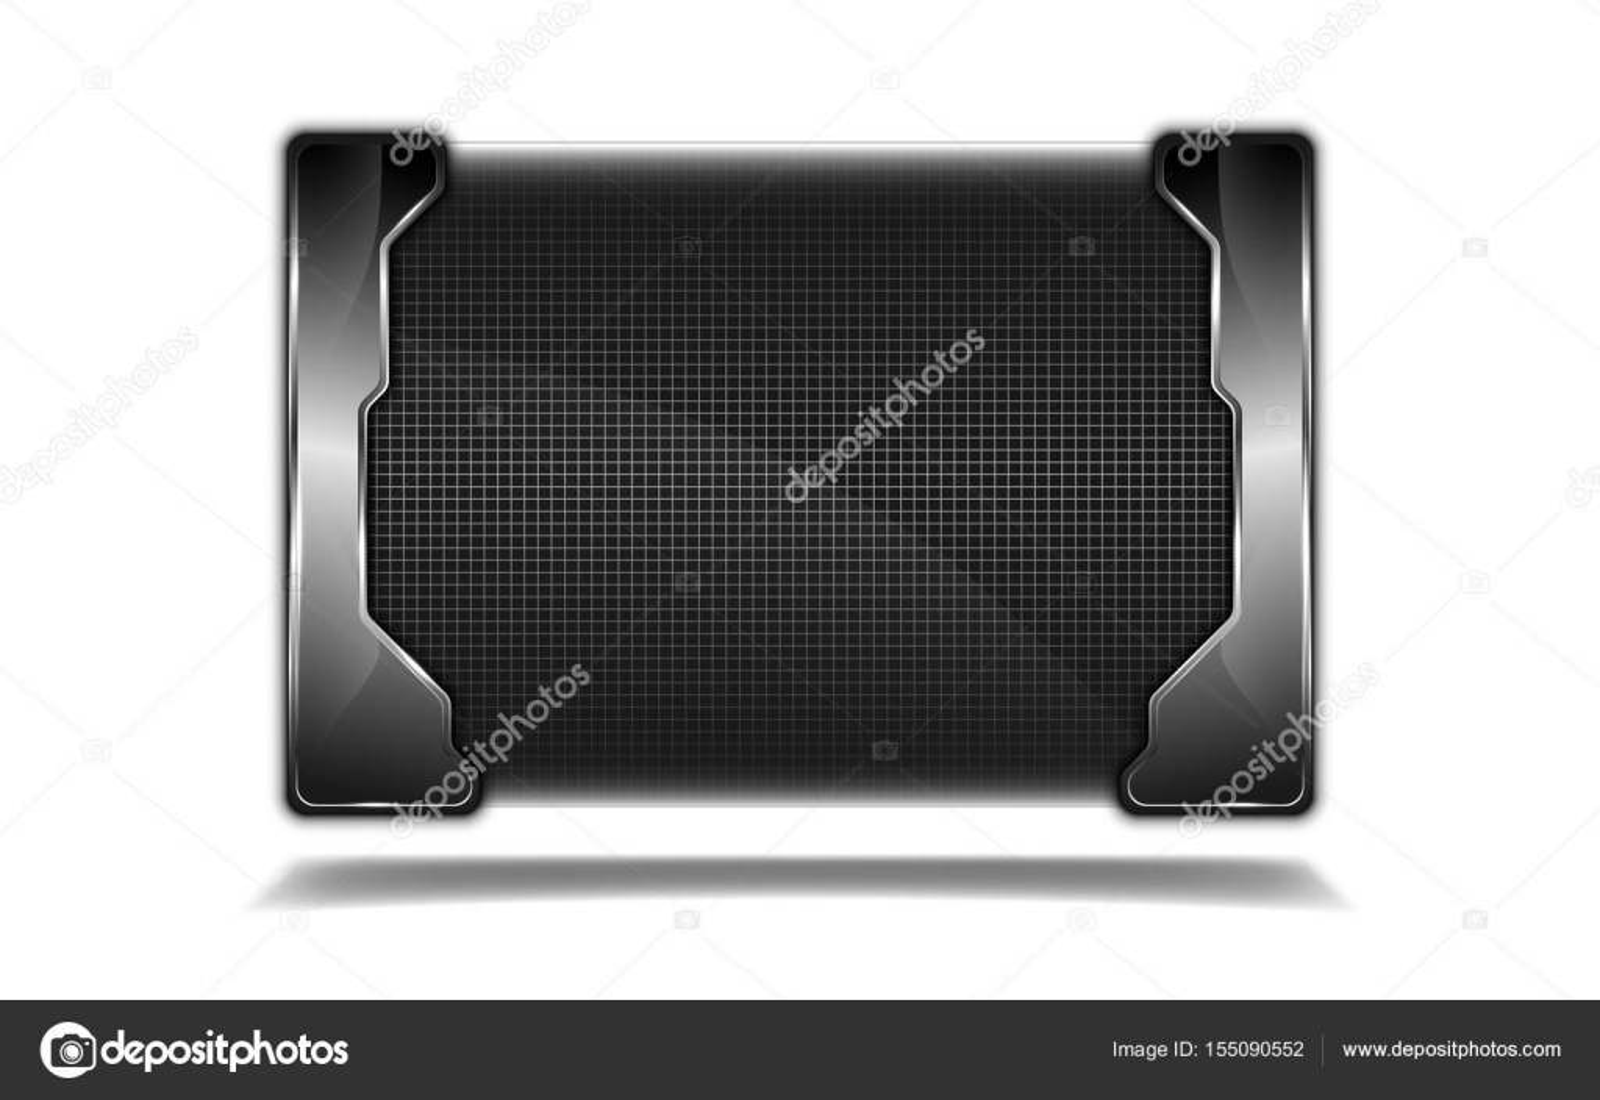 marco de rejilla metálica de placa de acero — Archivo Imágenes ...